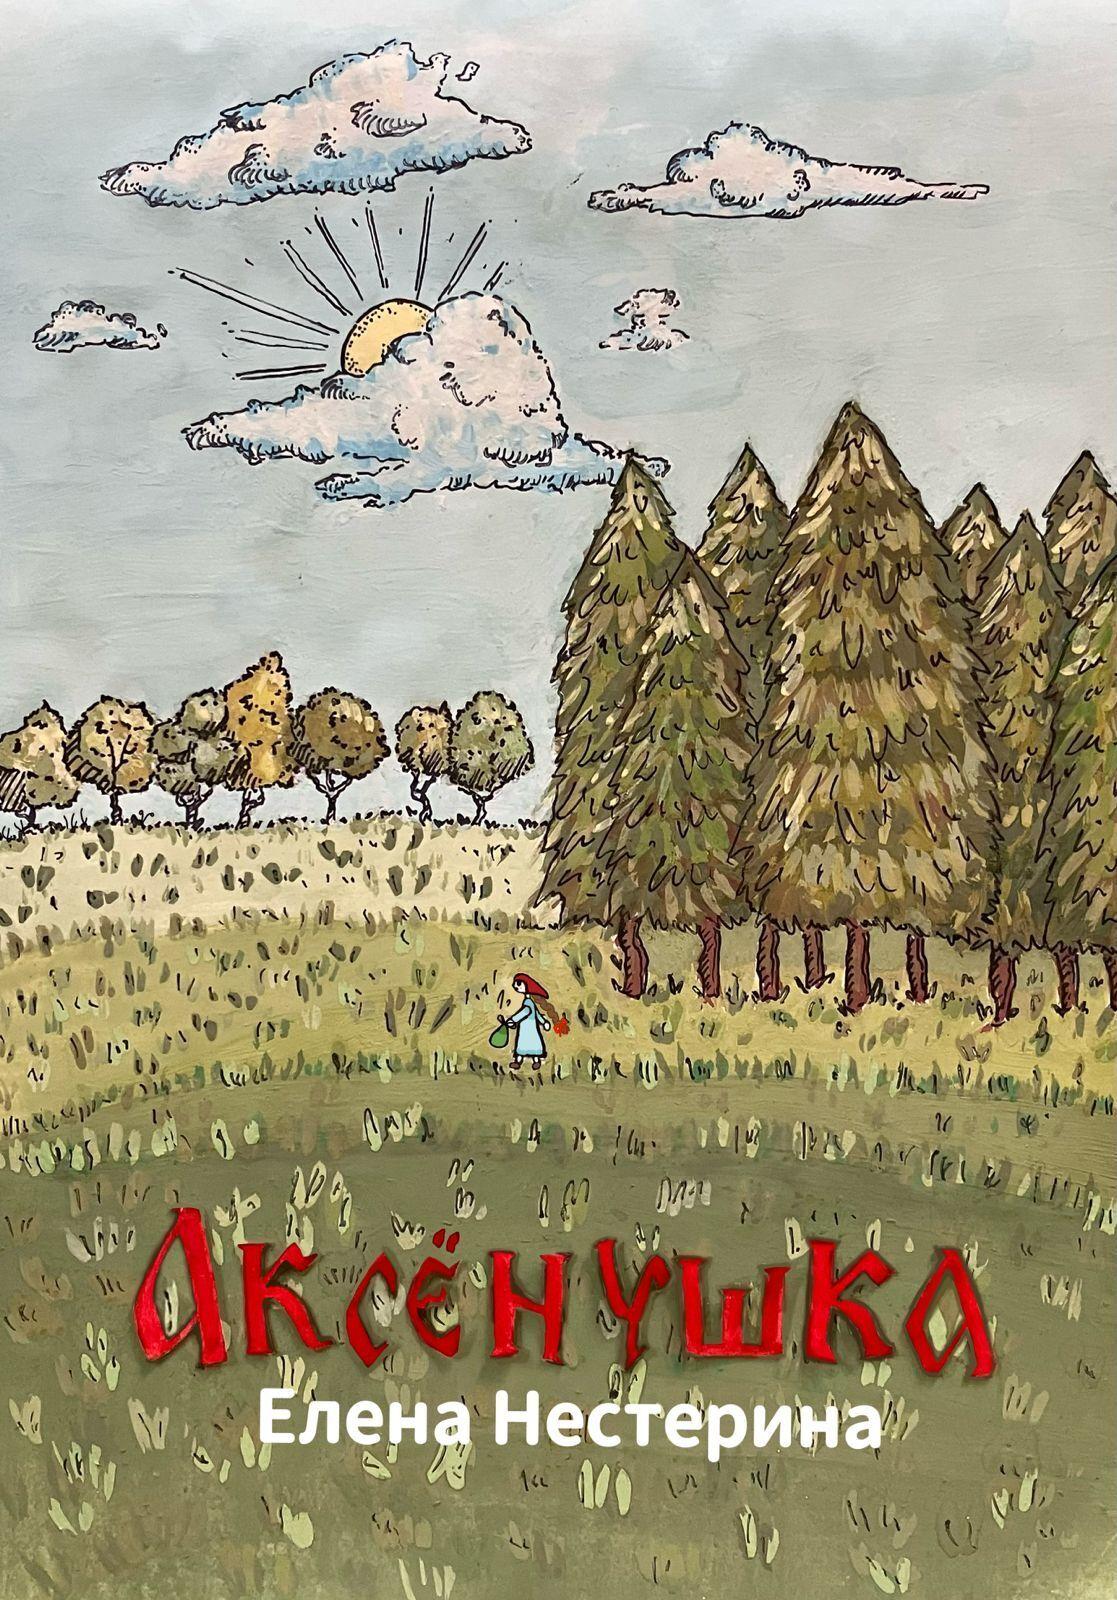 Елена Нестерина Аксёнушка гоумэн к к история с привидениями современная сказка о бизнесе